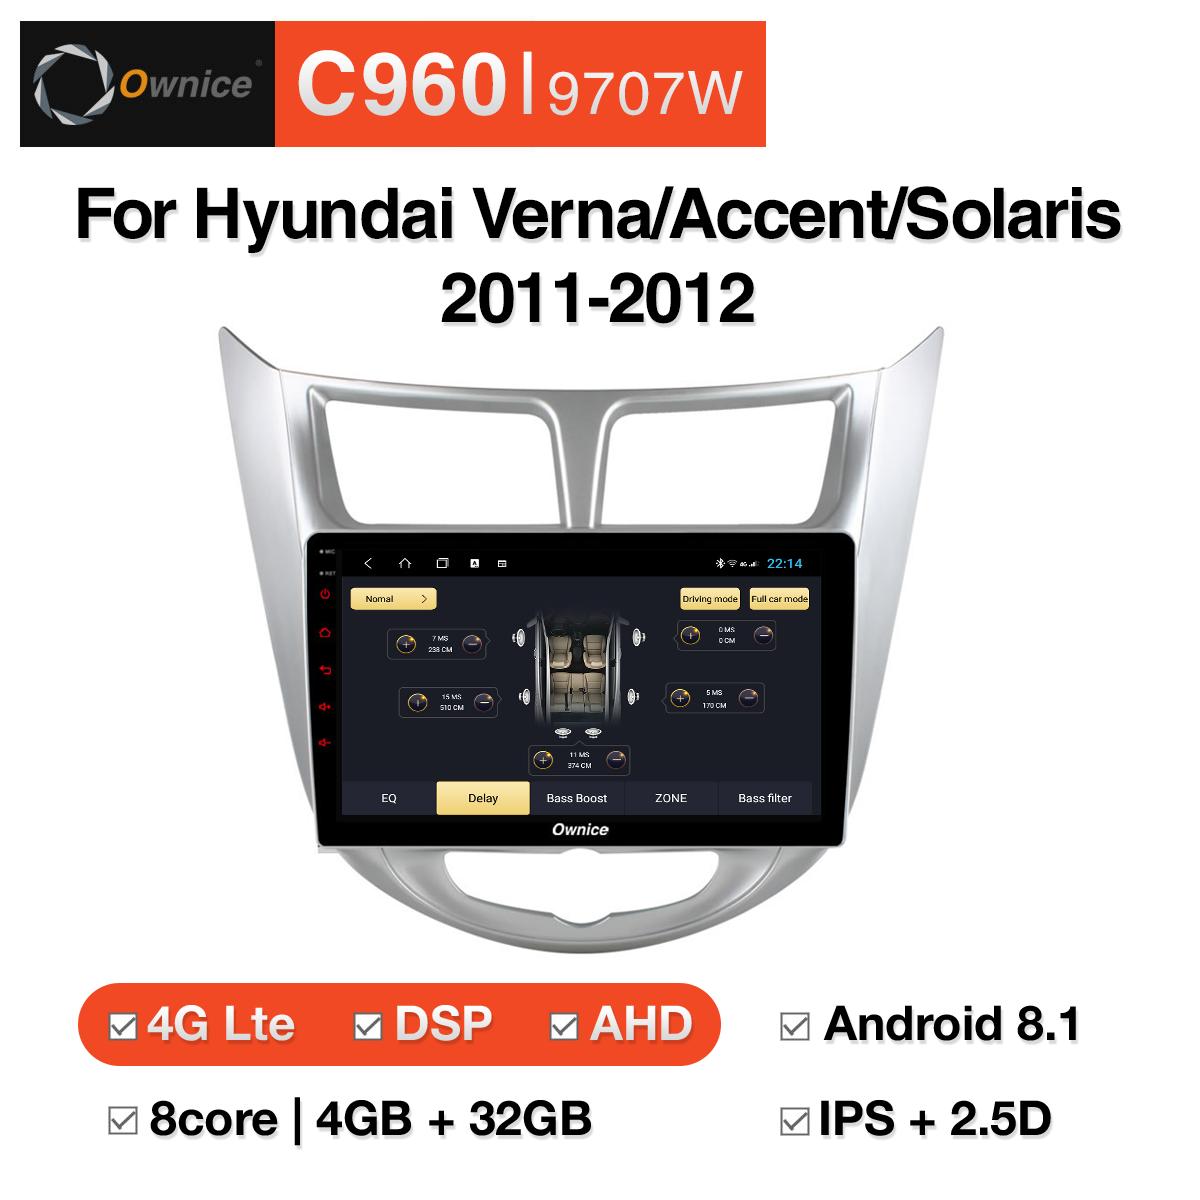 Đầu DVD android Ownice C960 cho xe ô tô Hyundai Verna/Accent/Solaris 2011-2012